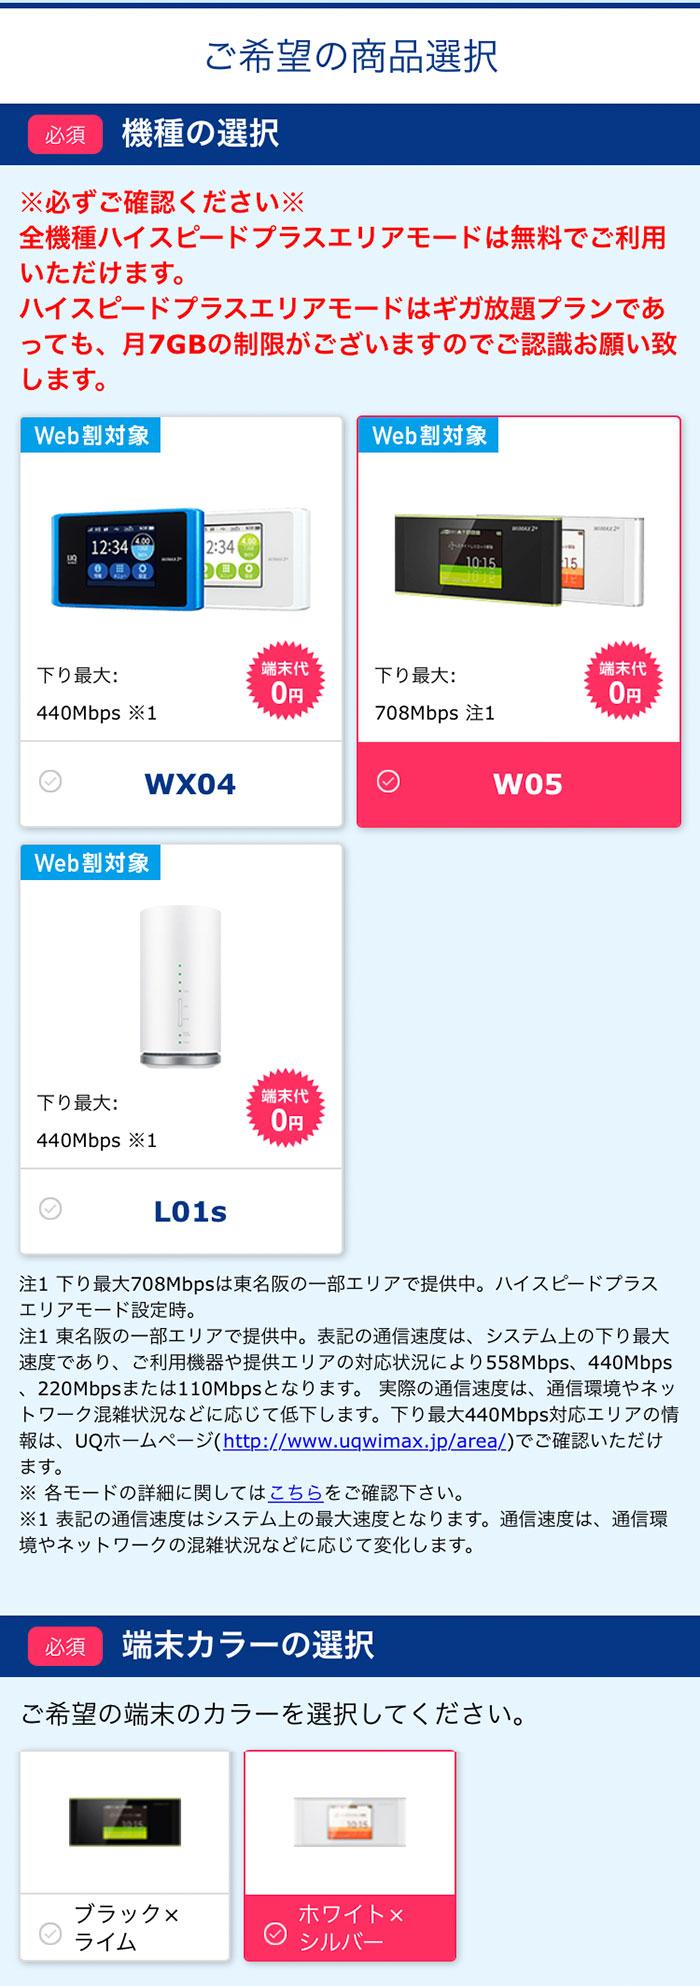 Broad WiMAXのお申込み:ご希望の商品選択